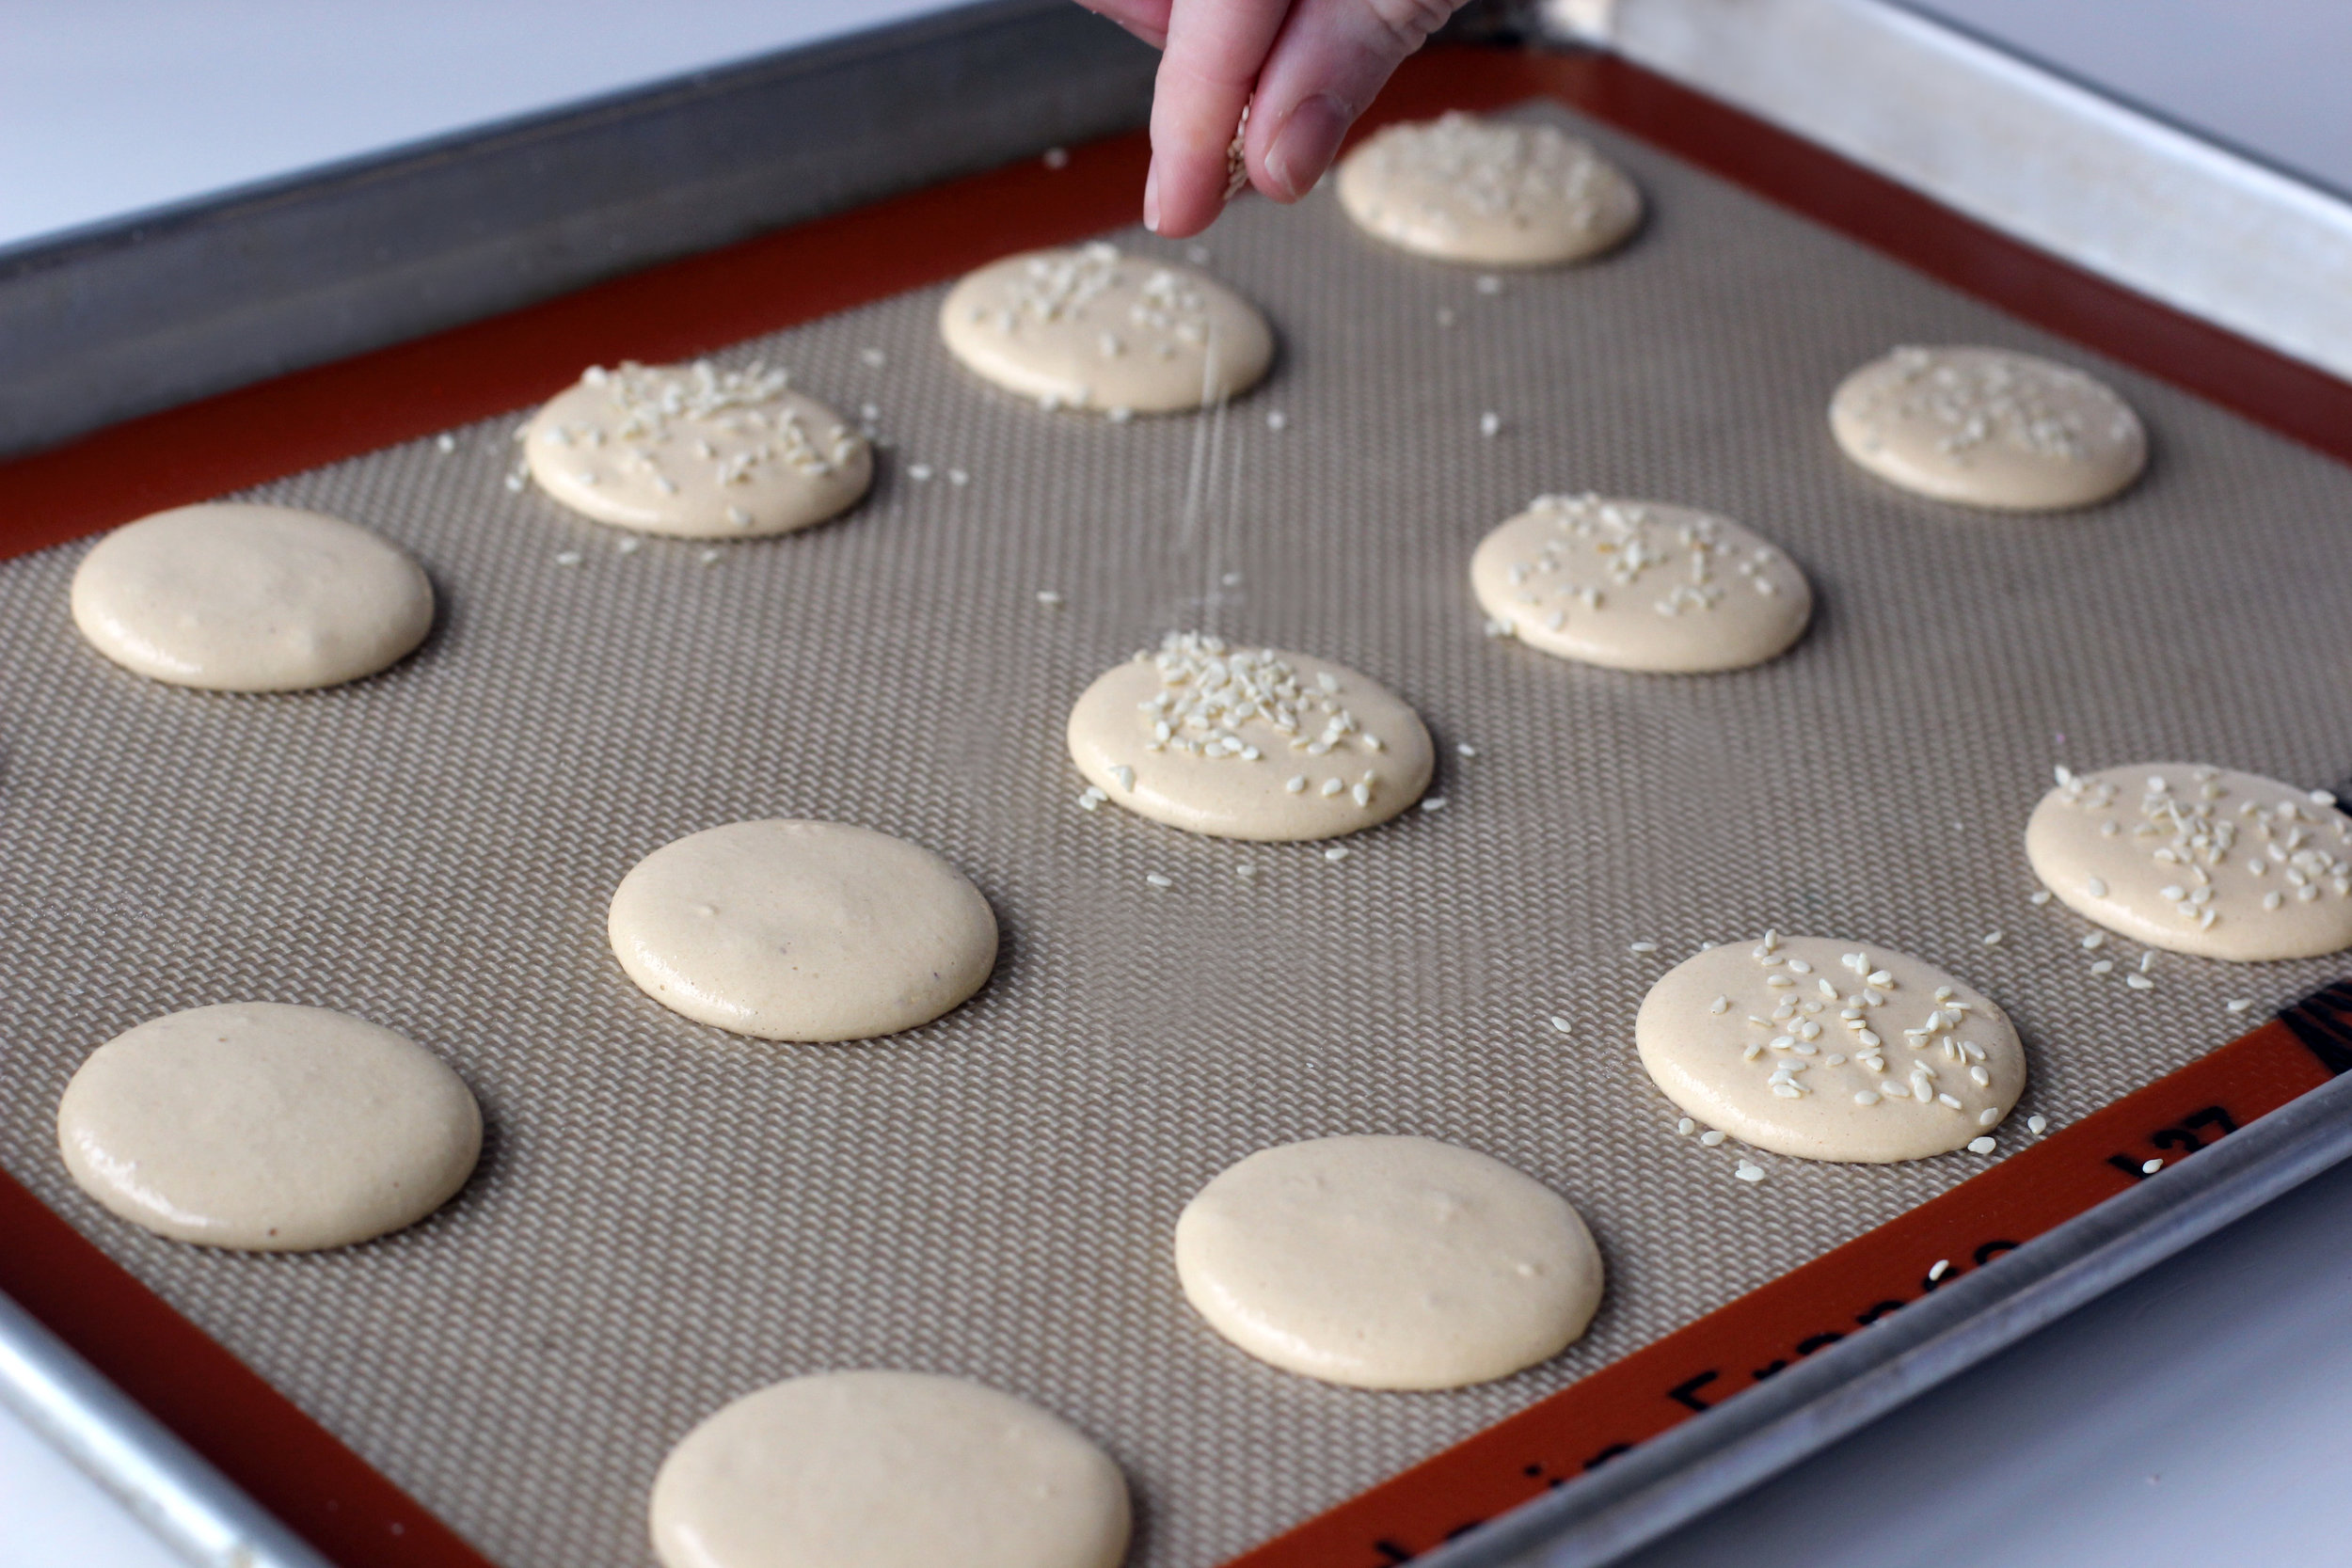 Step 1: Make Macarons.